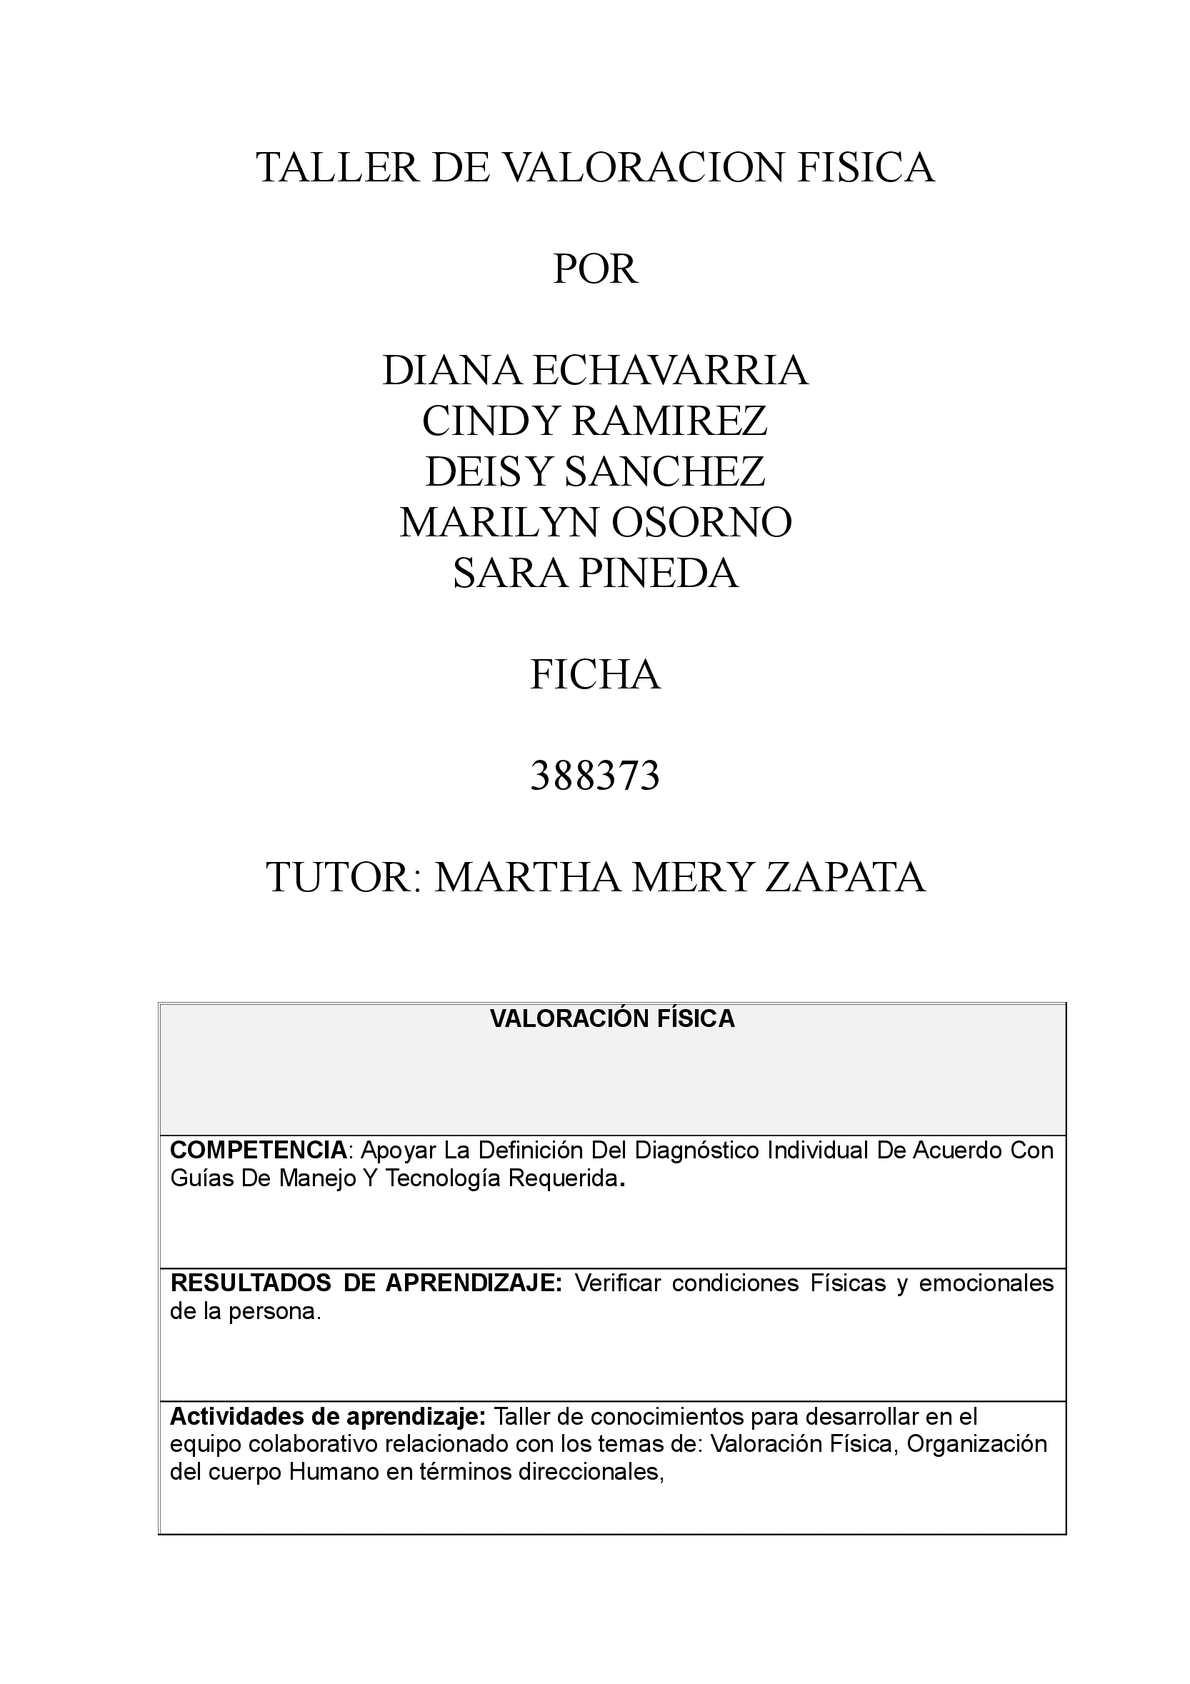 Calaméo - TALLER DE VALORACION FISICA